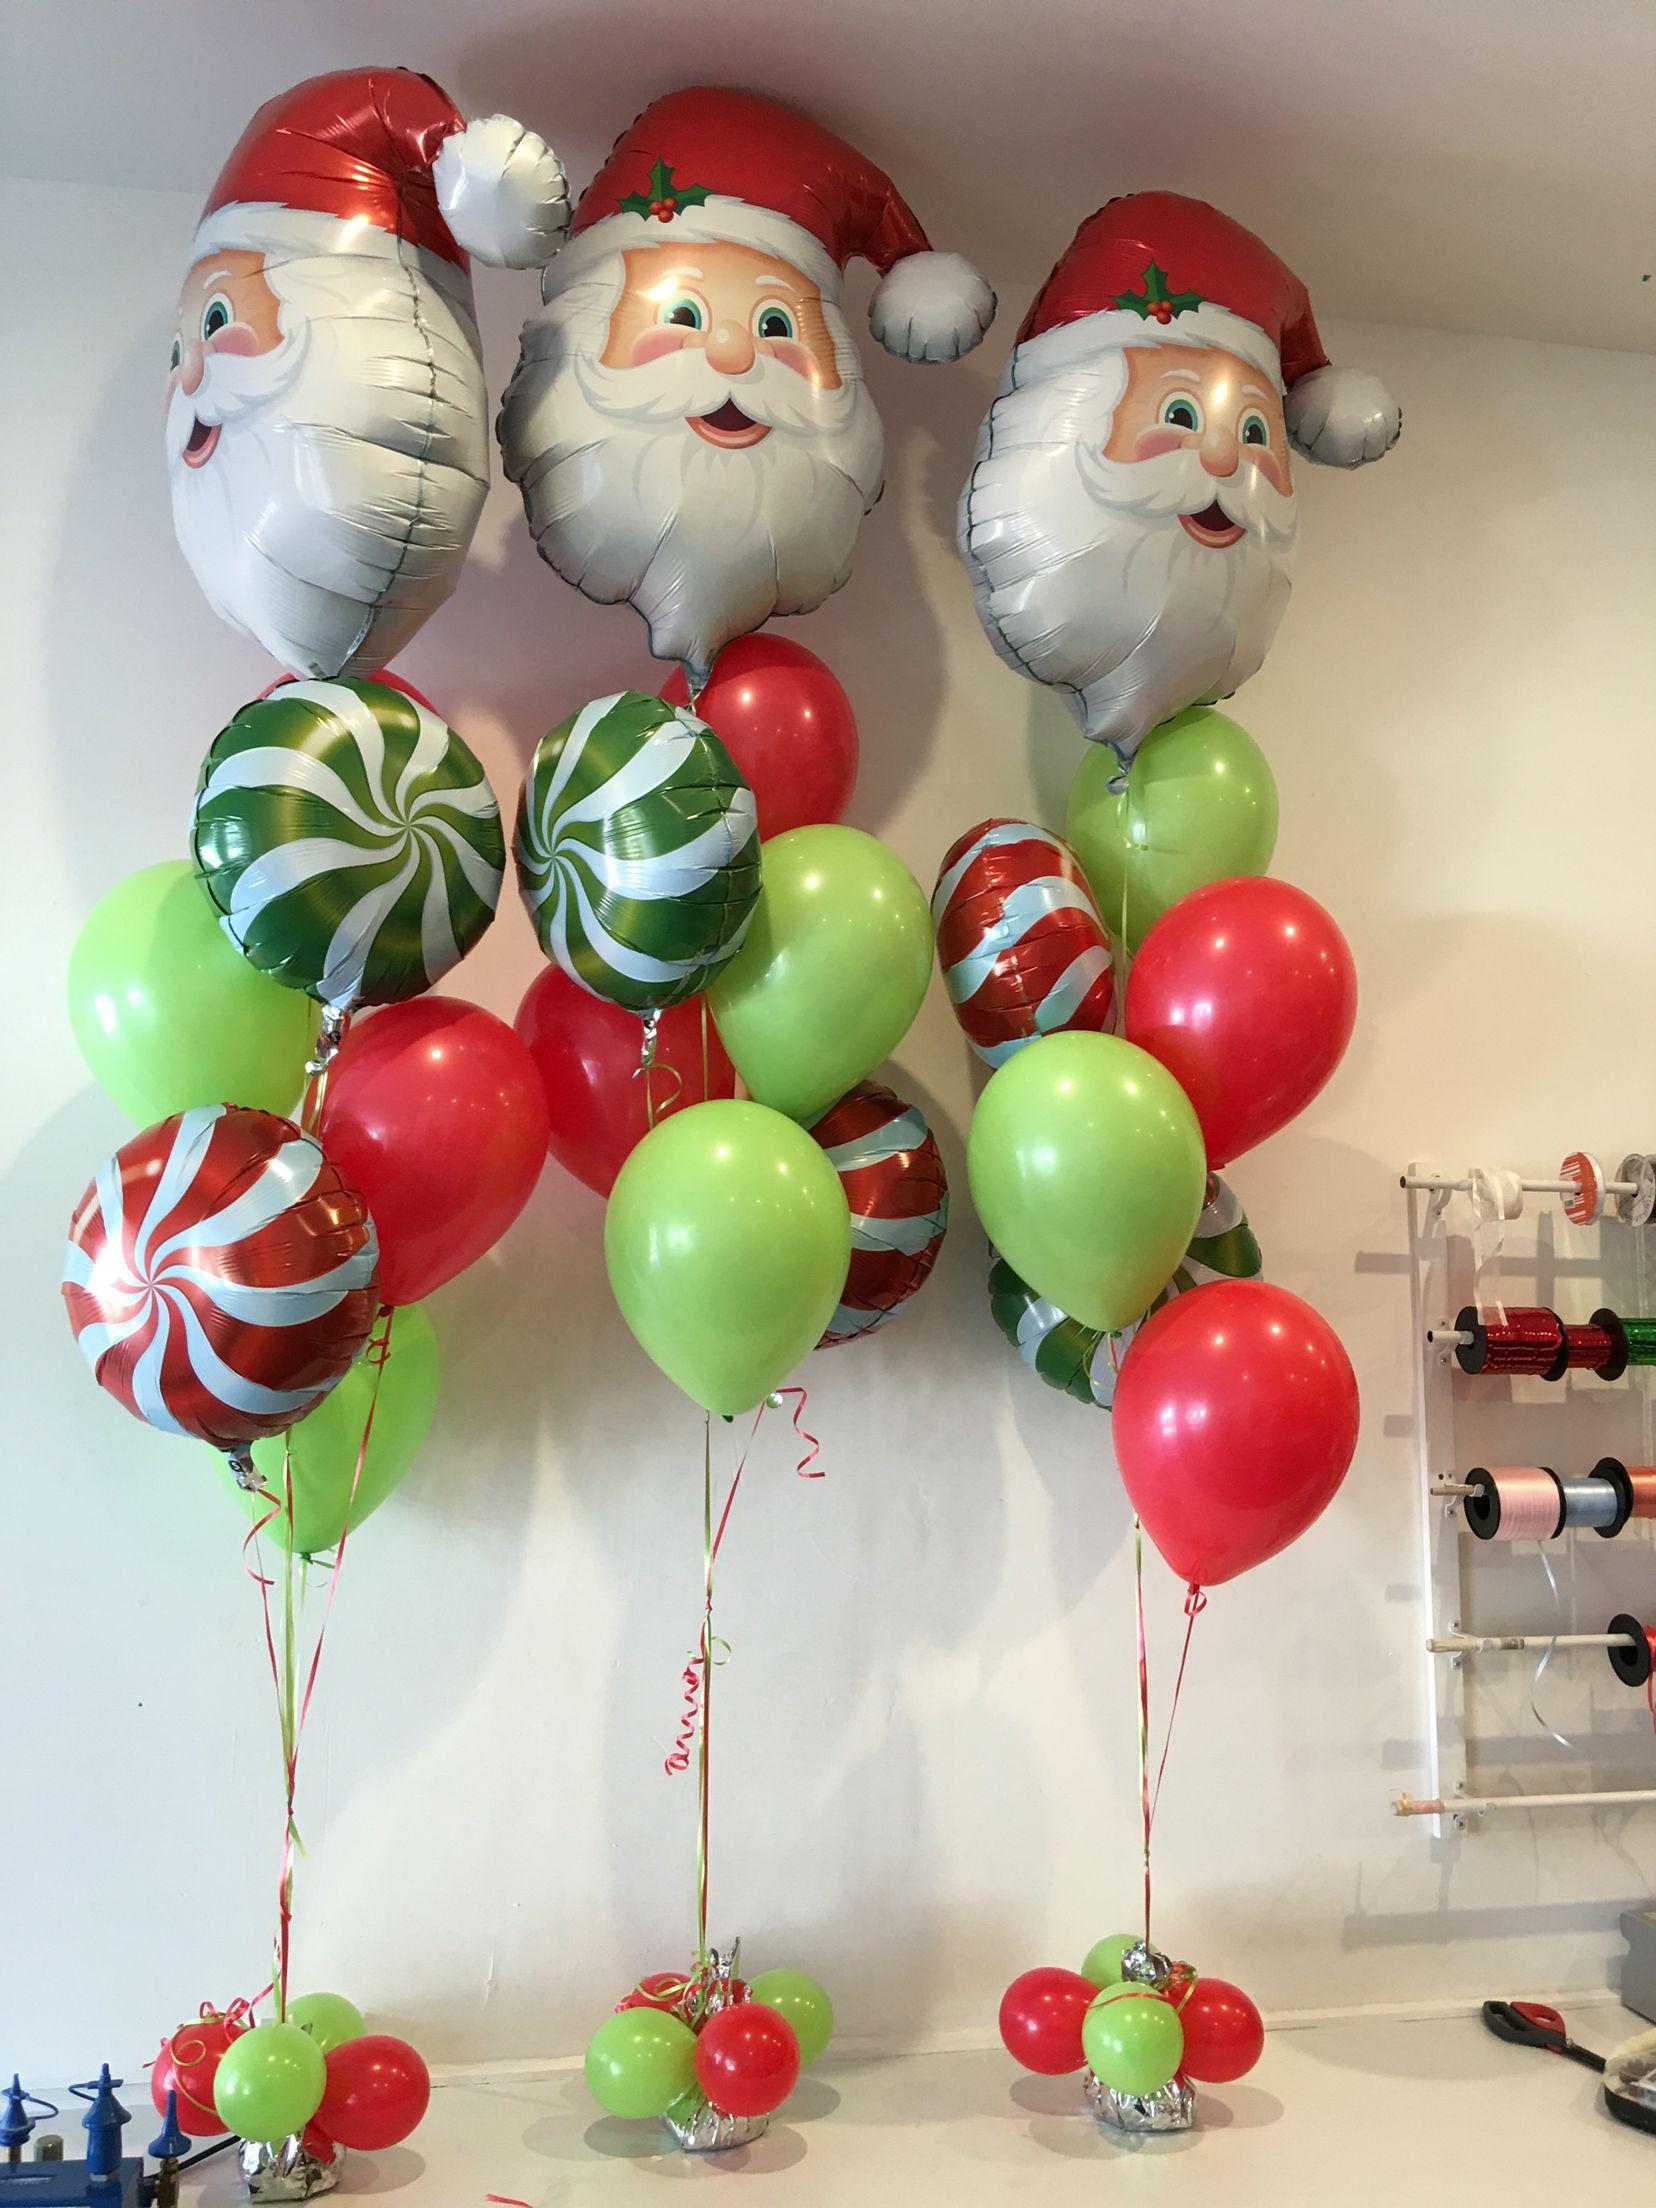 Χριστουγεννιάτικη σύνθεση με μπαλόνια ΑΓΙΟΣ ΒΑΣΙΛΗΣ